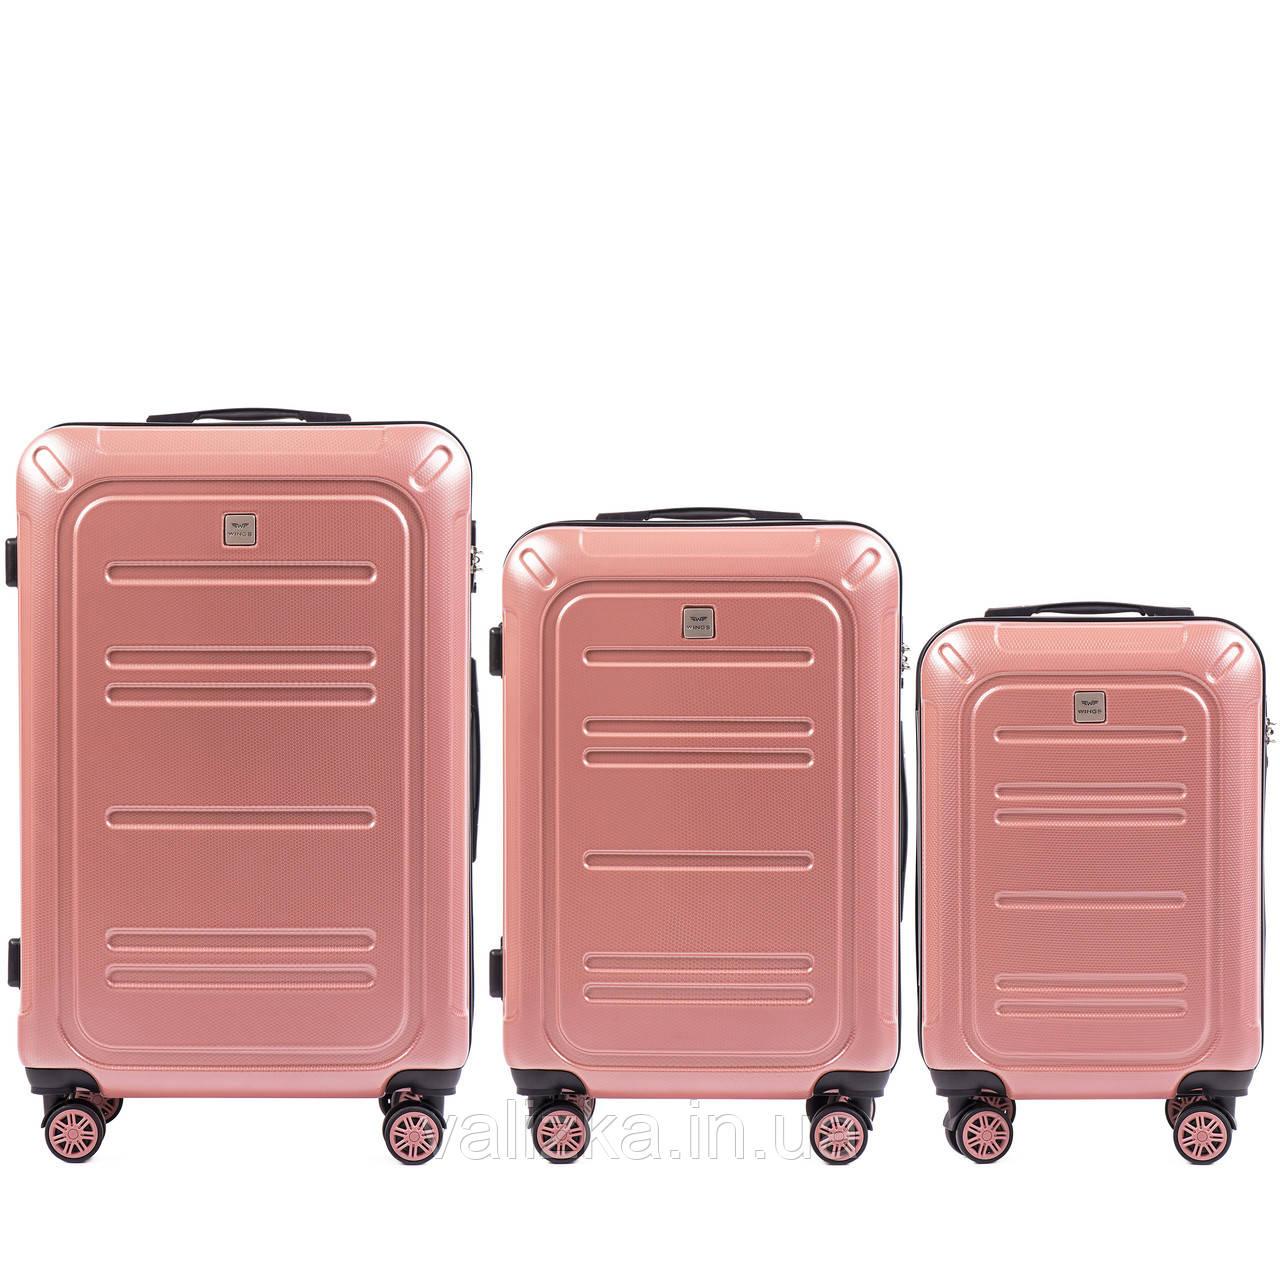 Комплект чемоданов из поликарбоната премиум серии 3 штуки малый, средний и большой розовый